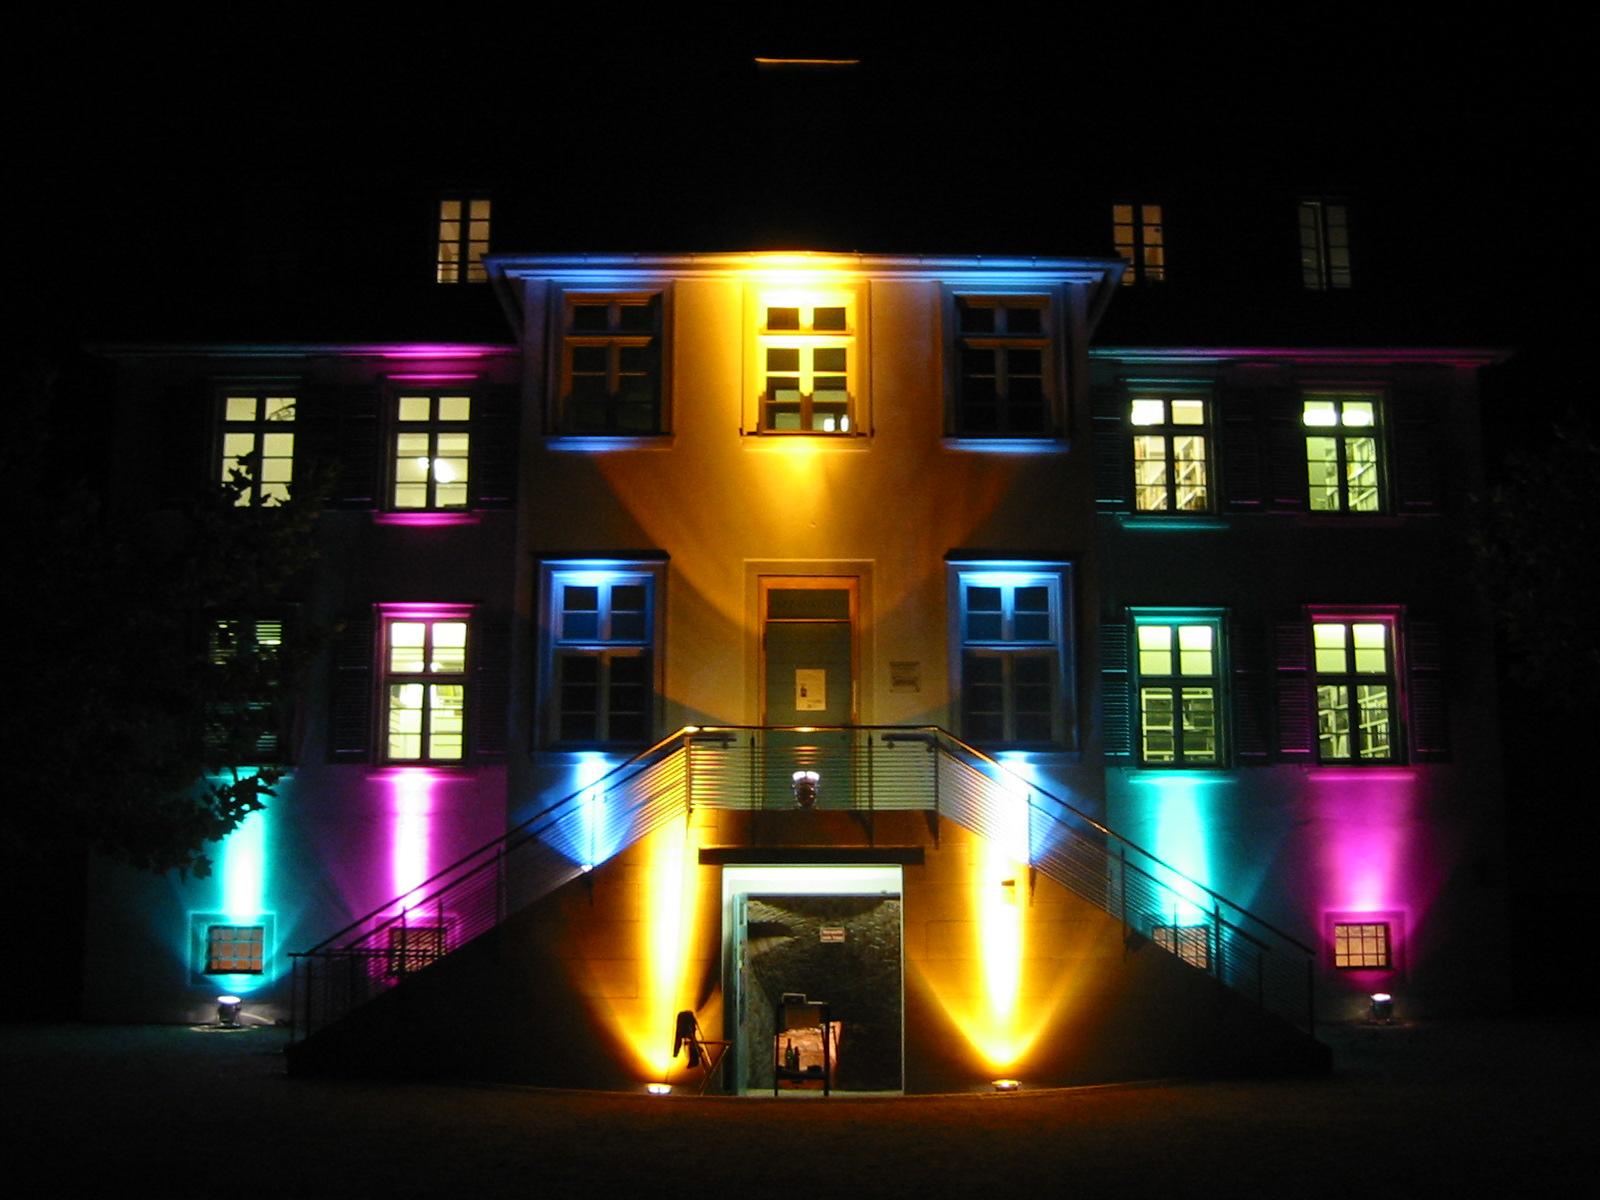 Bonboninstitut